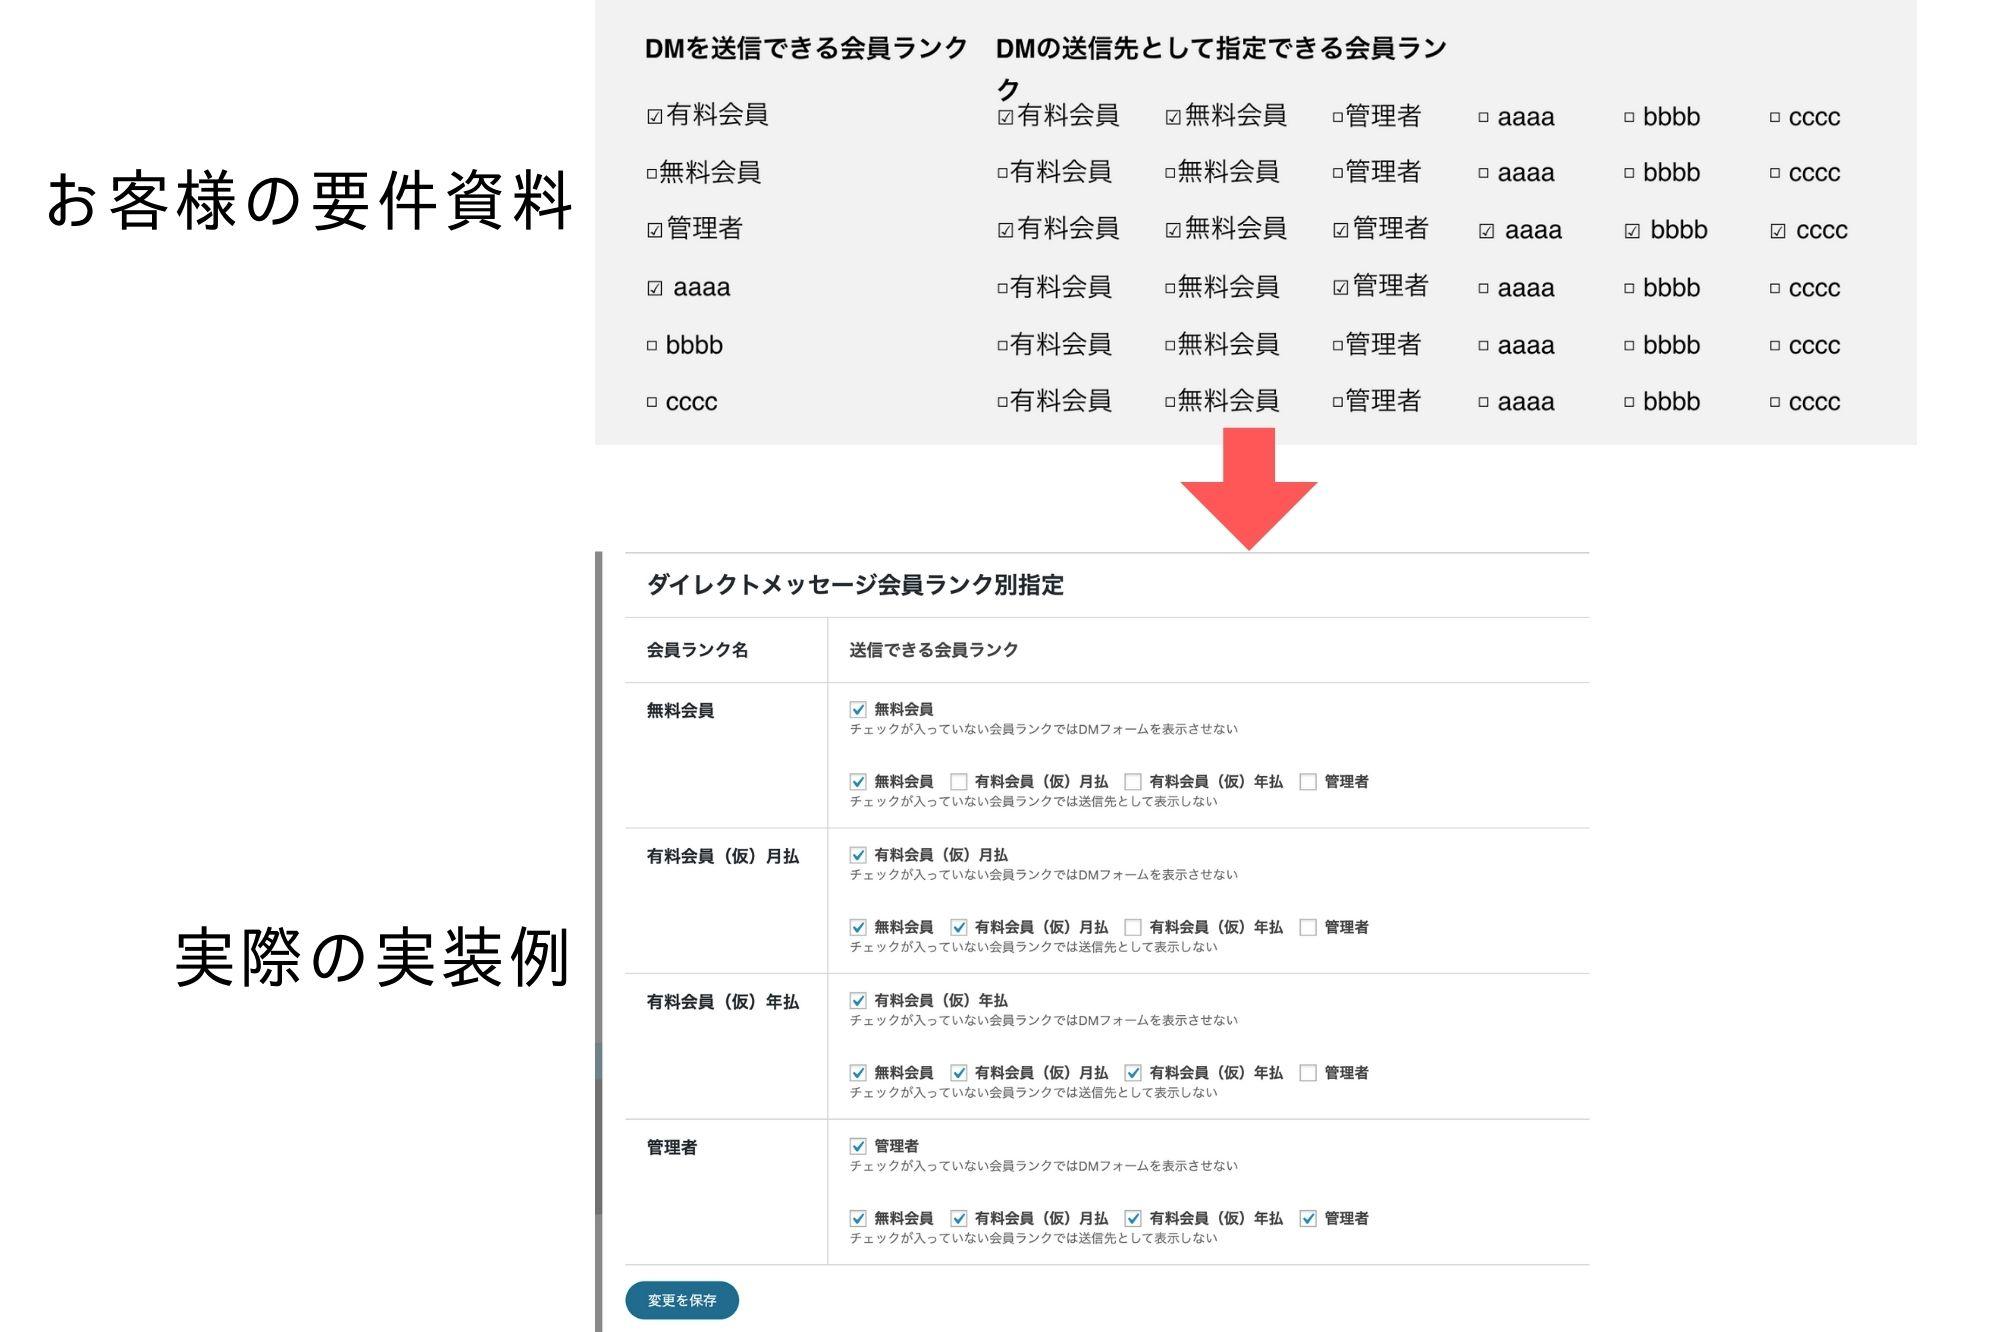 顧客のオンラインサロン要件資料